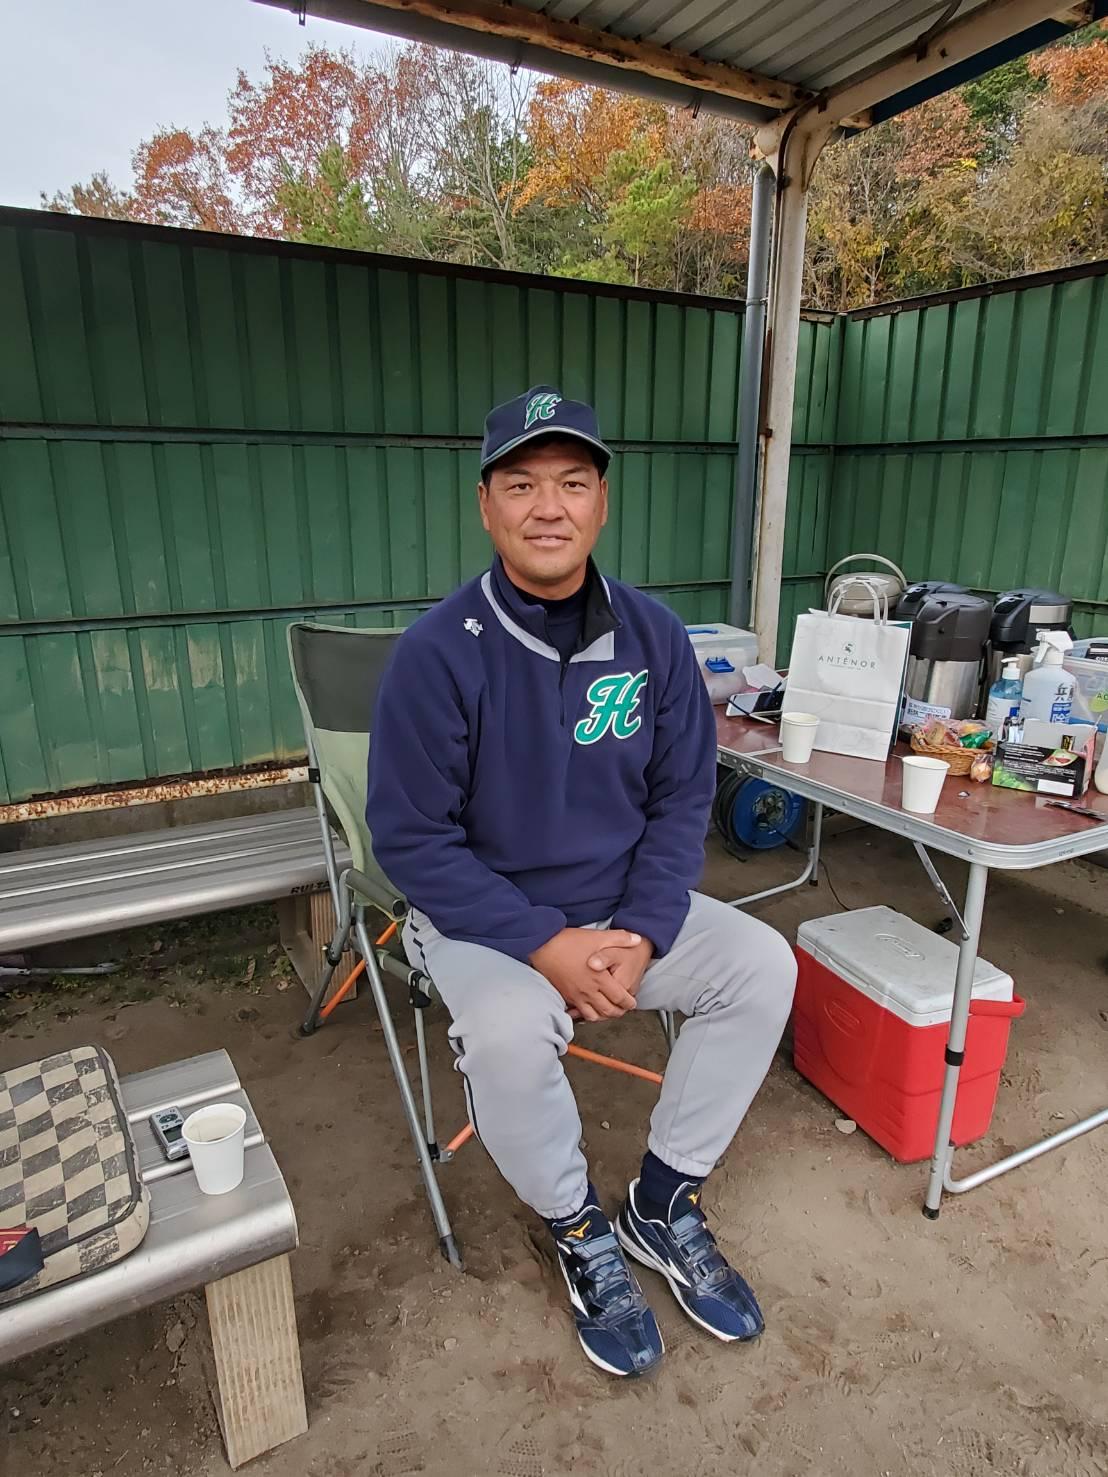 元巨人で兵庫ベリージュニアの監督を務める藤本貴久氏は兵庫北播リトルシニアでも指揮を執る